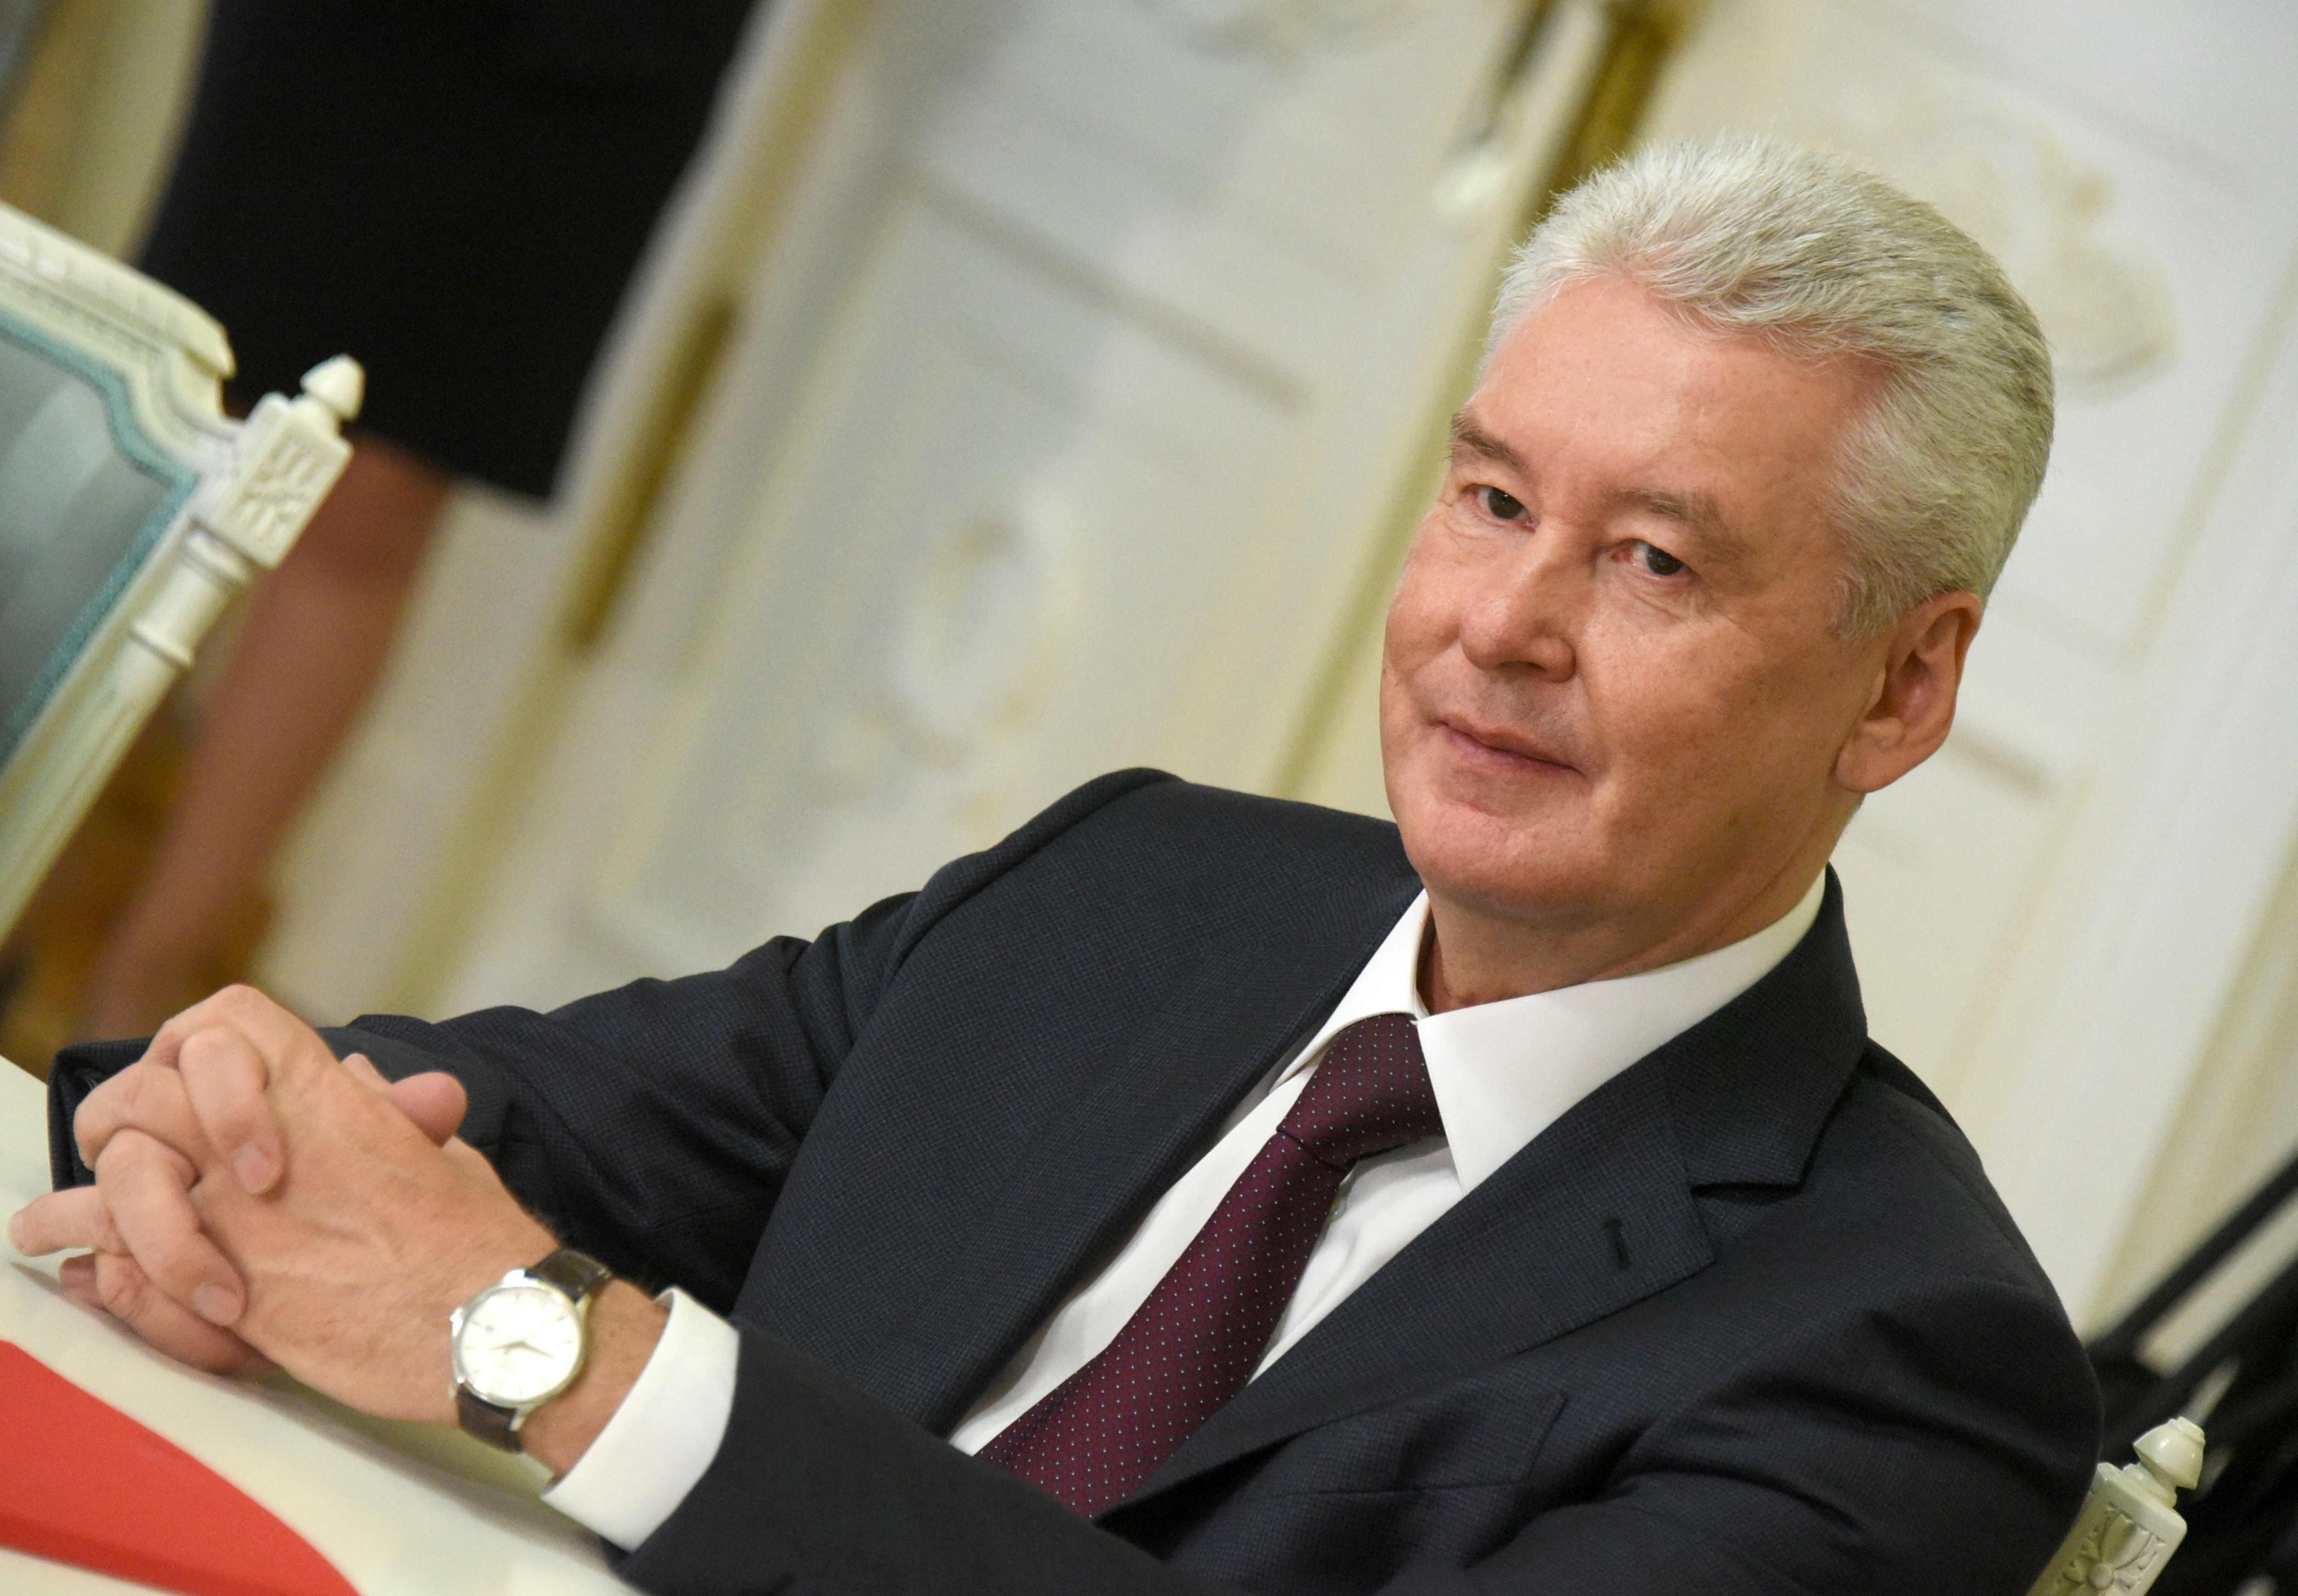 Сергей Собянин объяснил, почему 31 декабря в Москве не назначают выходным